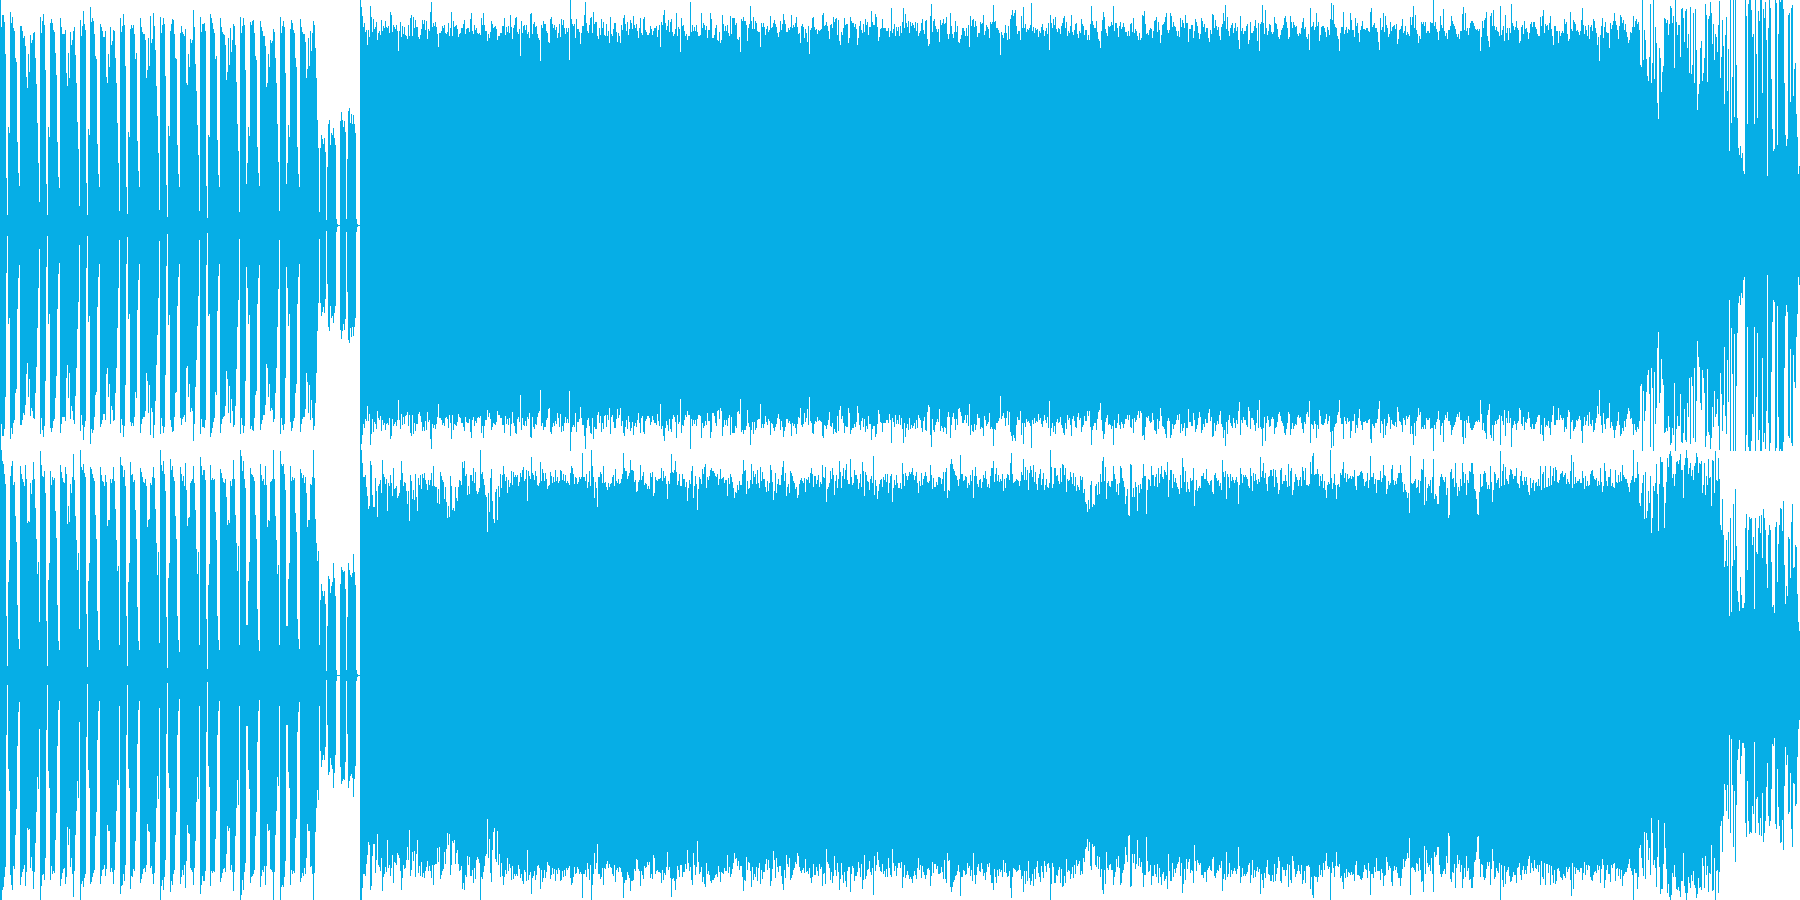 重くノれるDJが特徴のテクノロックの再生済みの波形